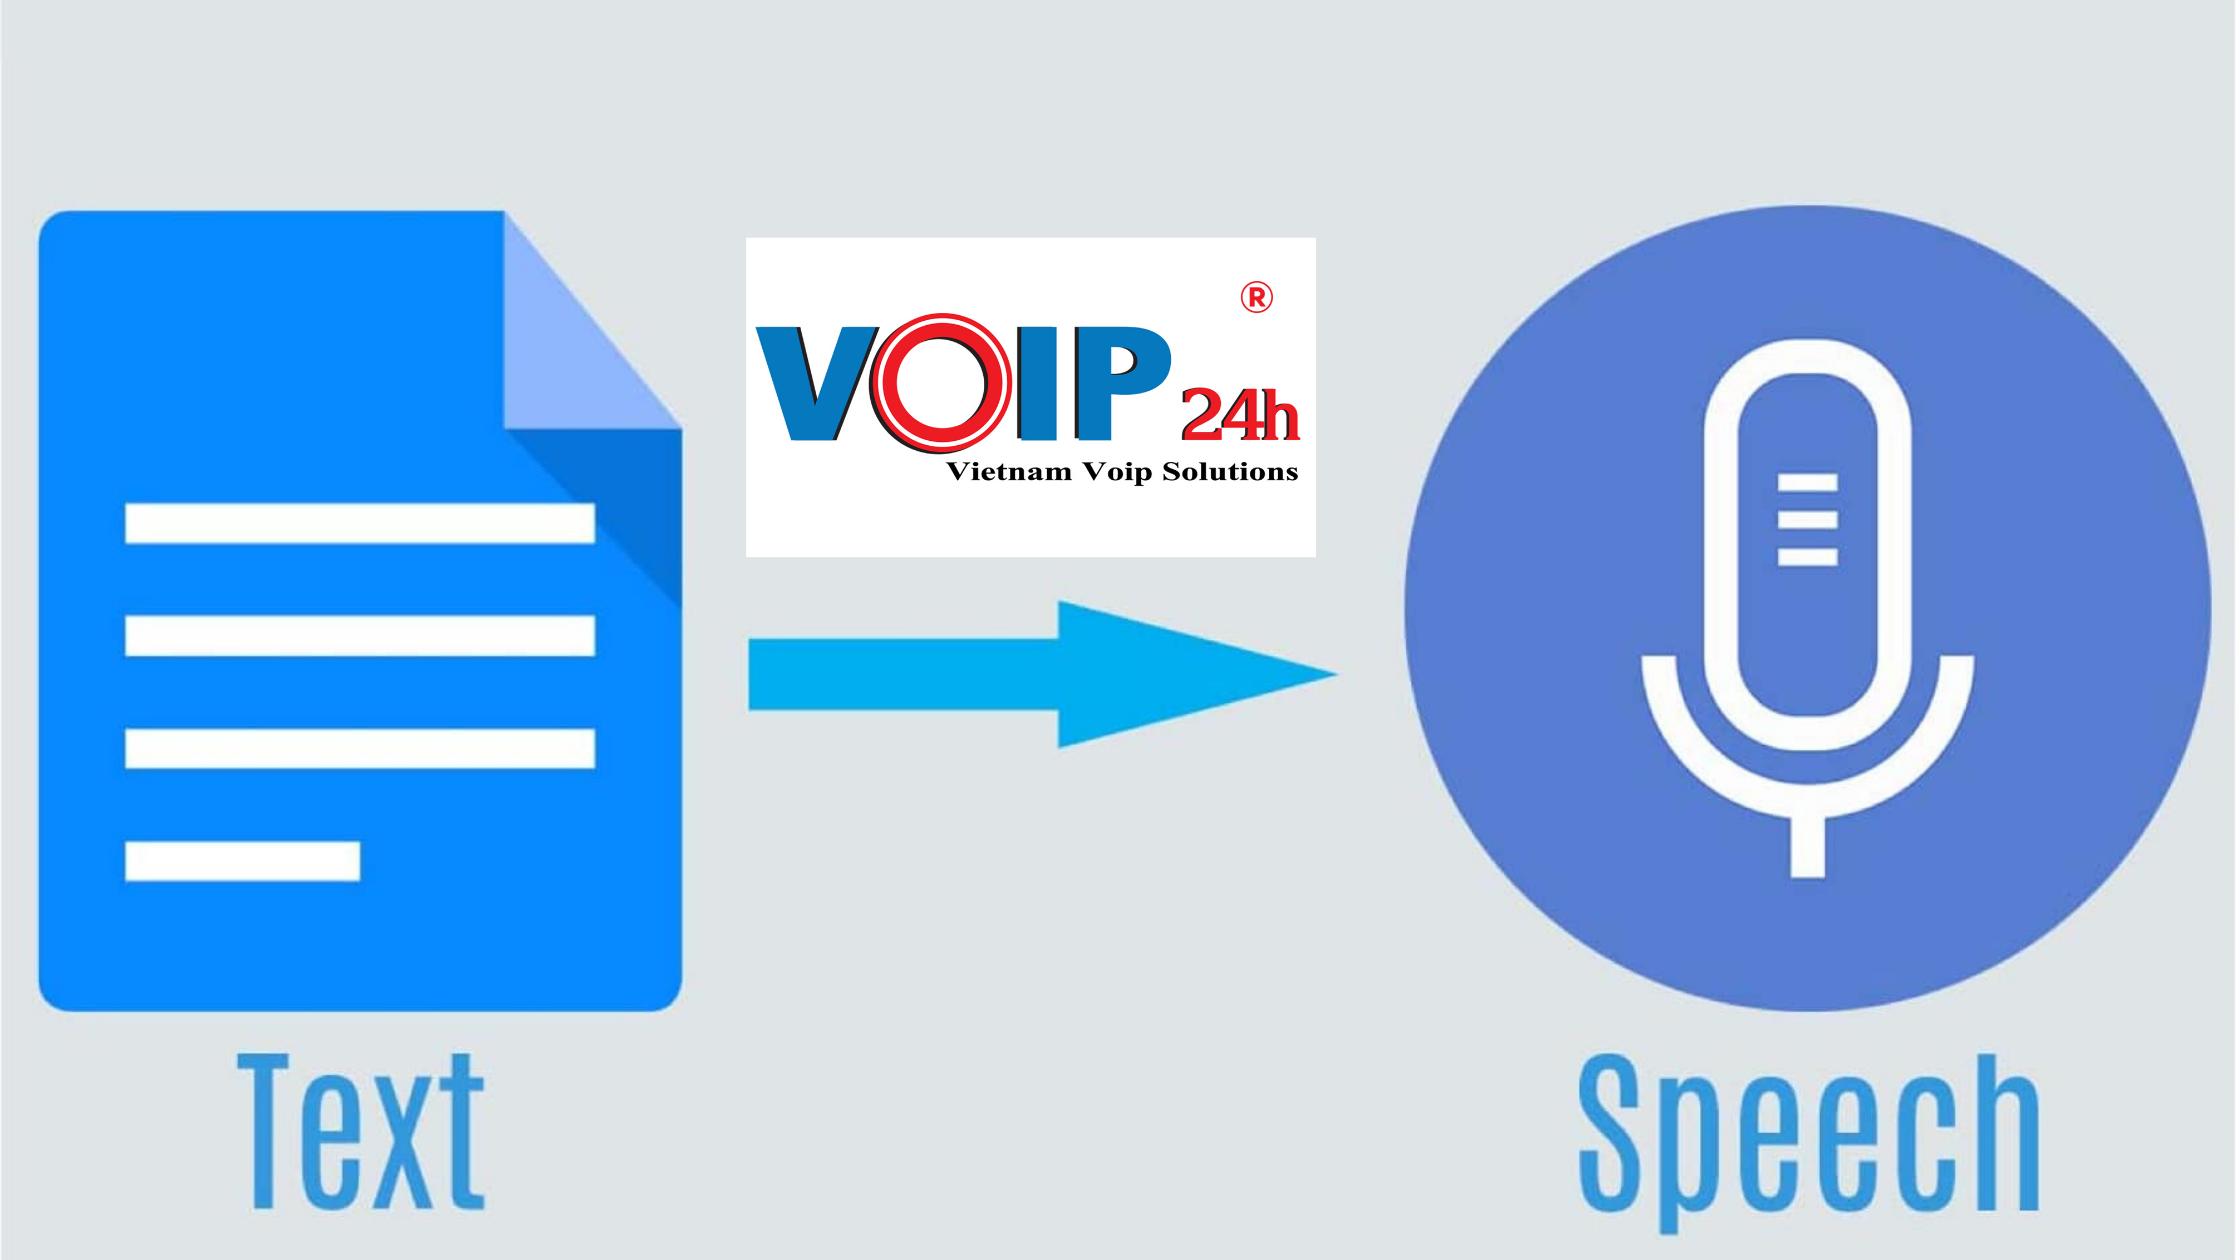 Công nghệ chuyển đổi văn bản thành giọng nói (Text to speech) và Ứng dụng cho cuộc sống hiện đại